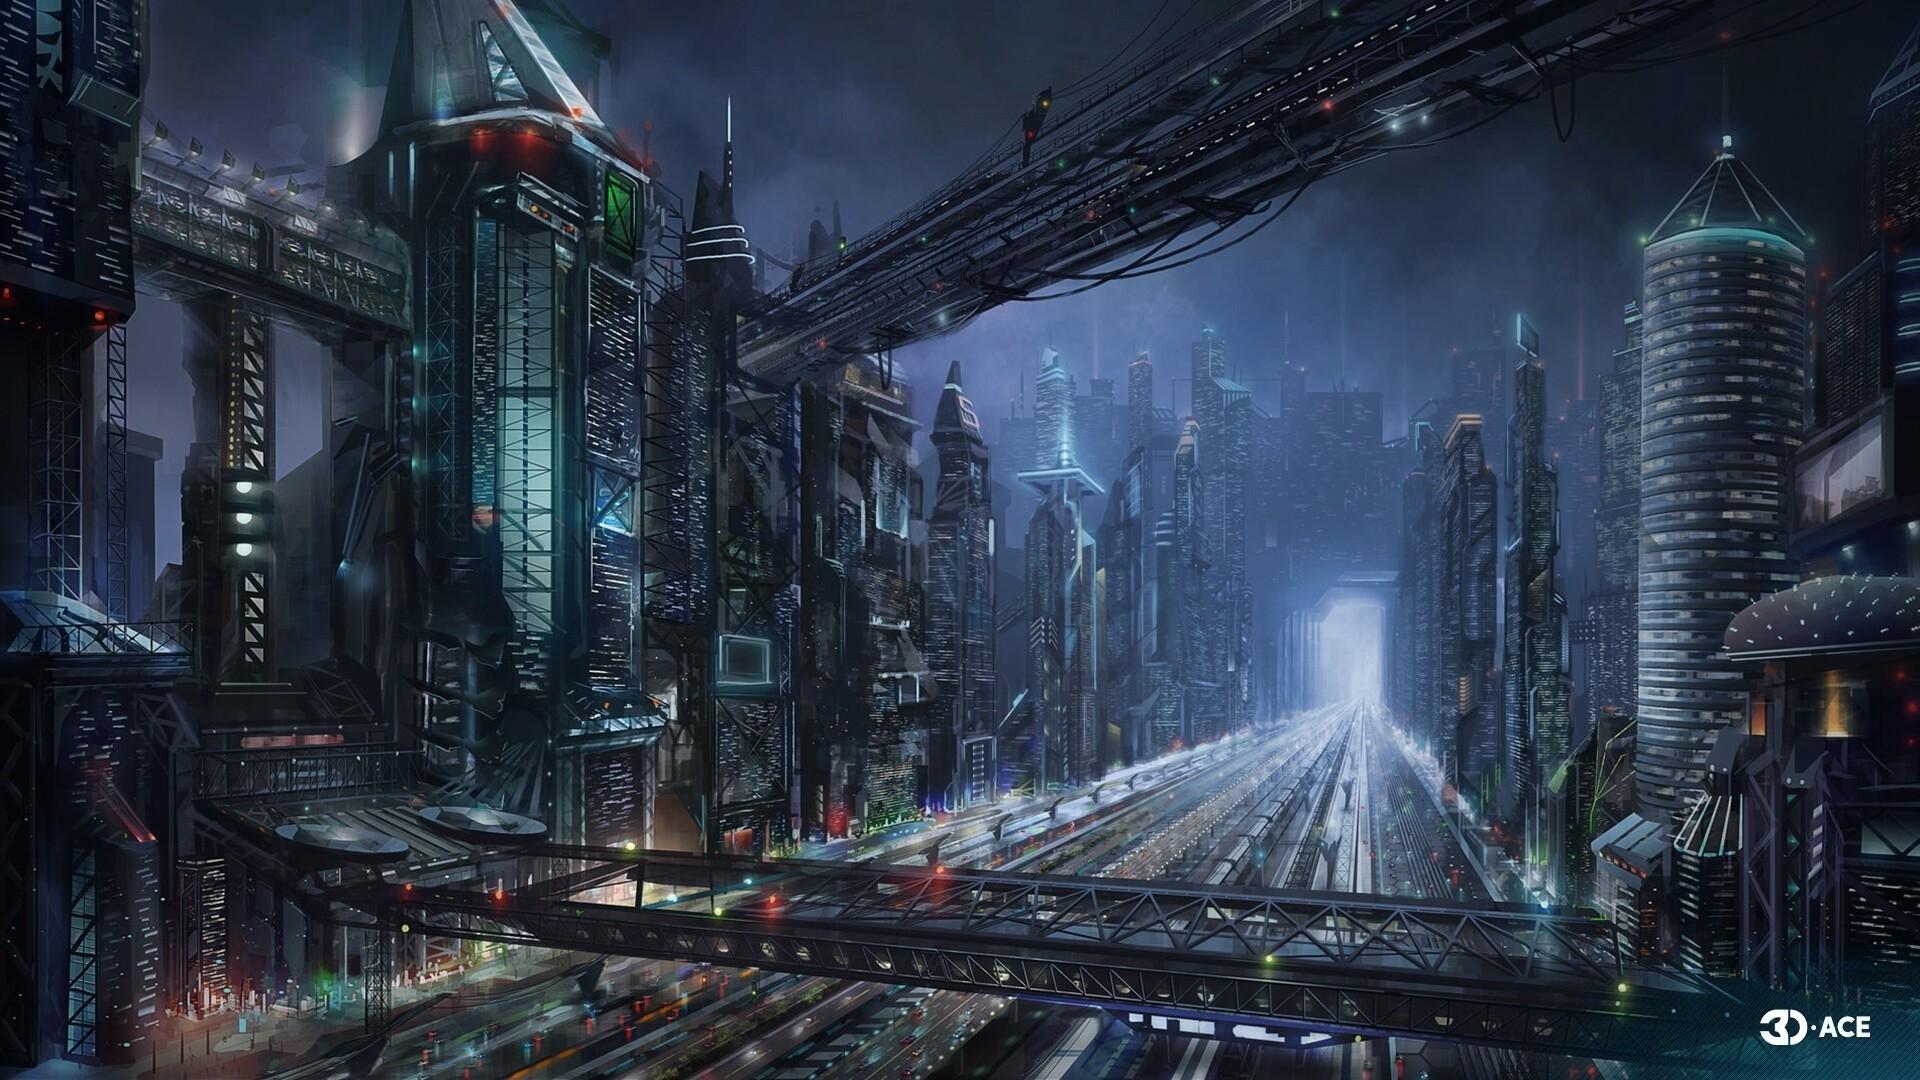 Cyberpunk City Art wallpaper for desktop